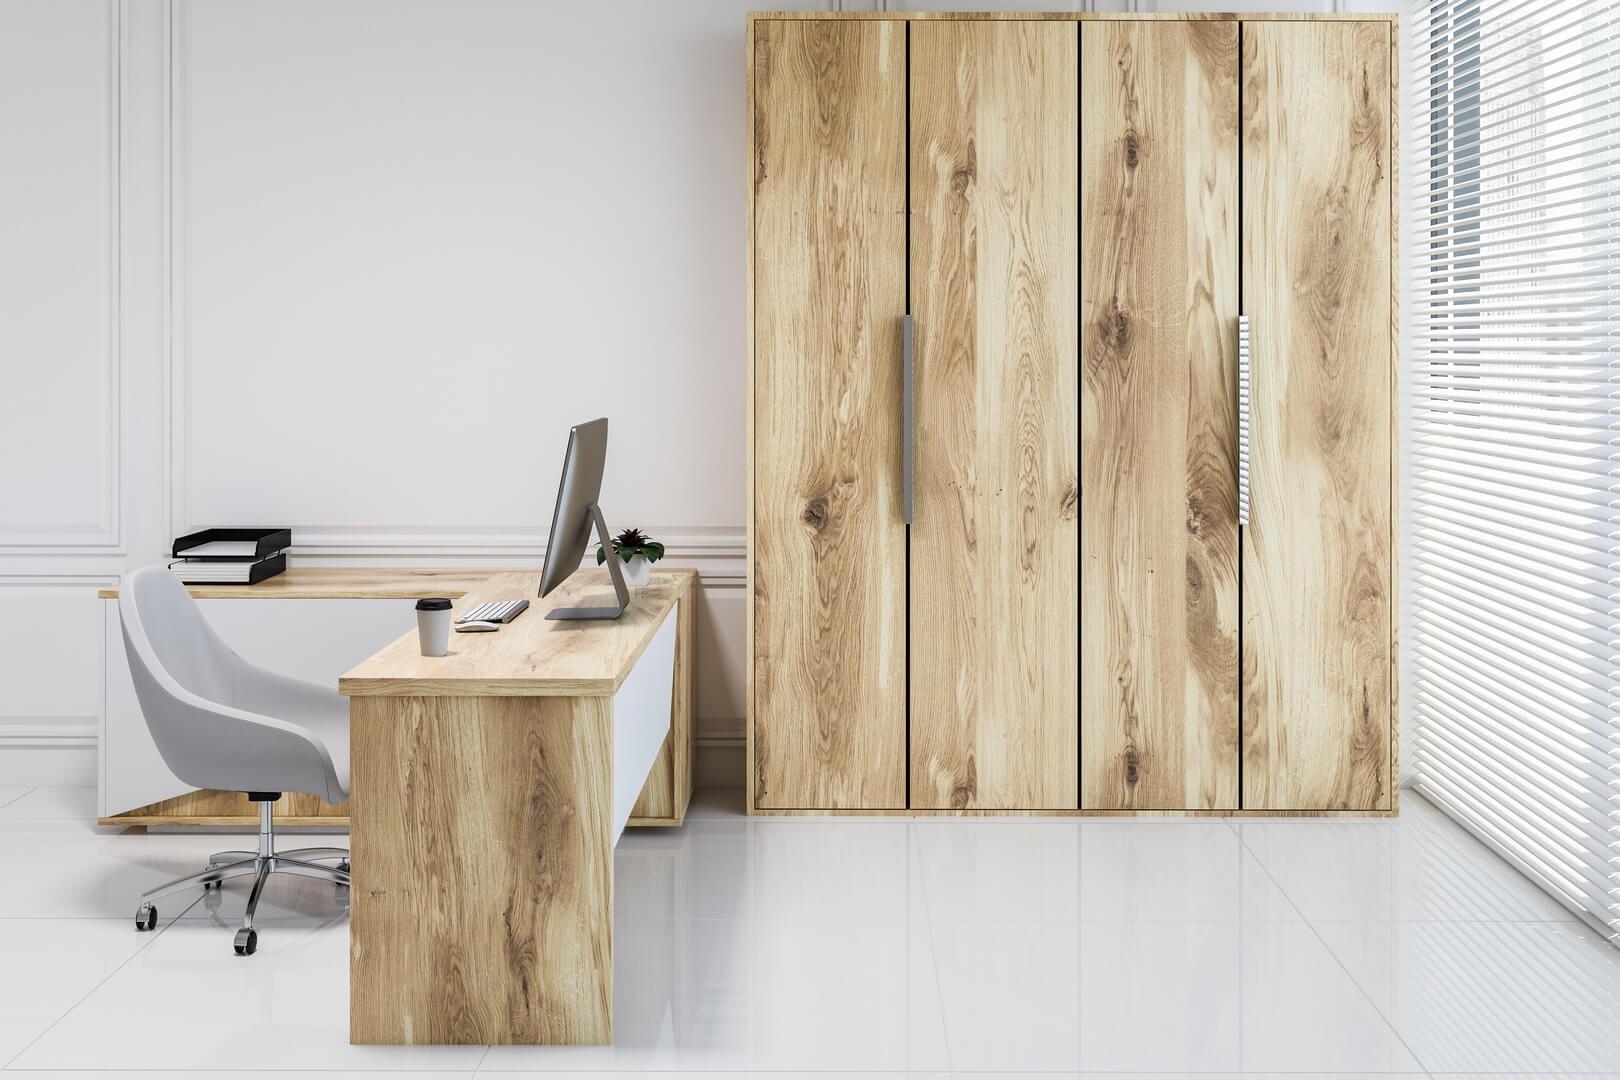 Drewniana szafa do biura z drzwiami otwieranymi